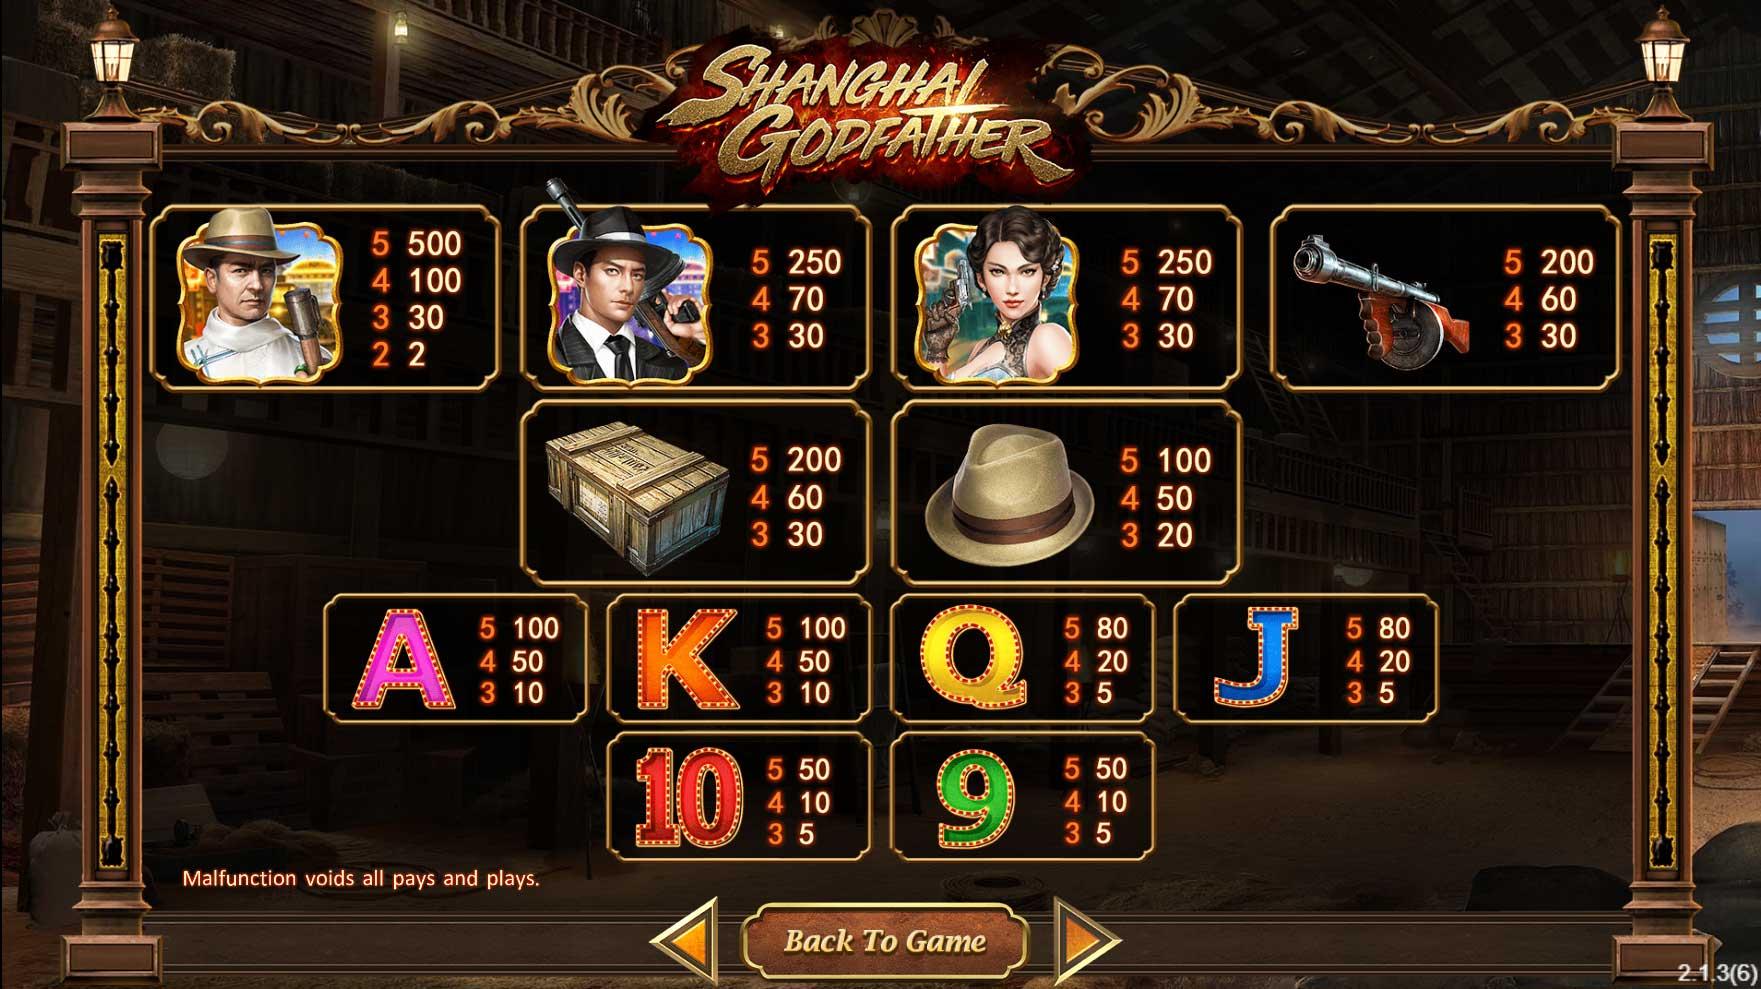 สัญลักษณ์ Shanghai Godfather สล็อตออนไลน์